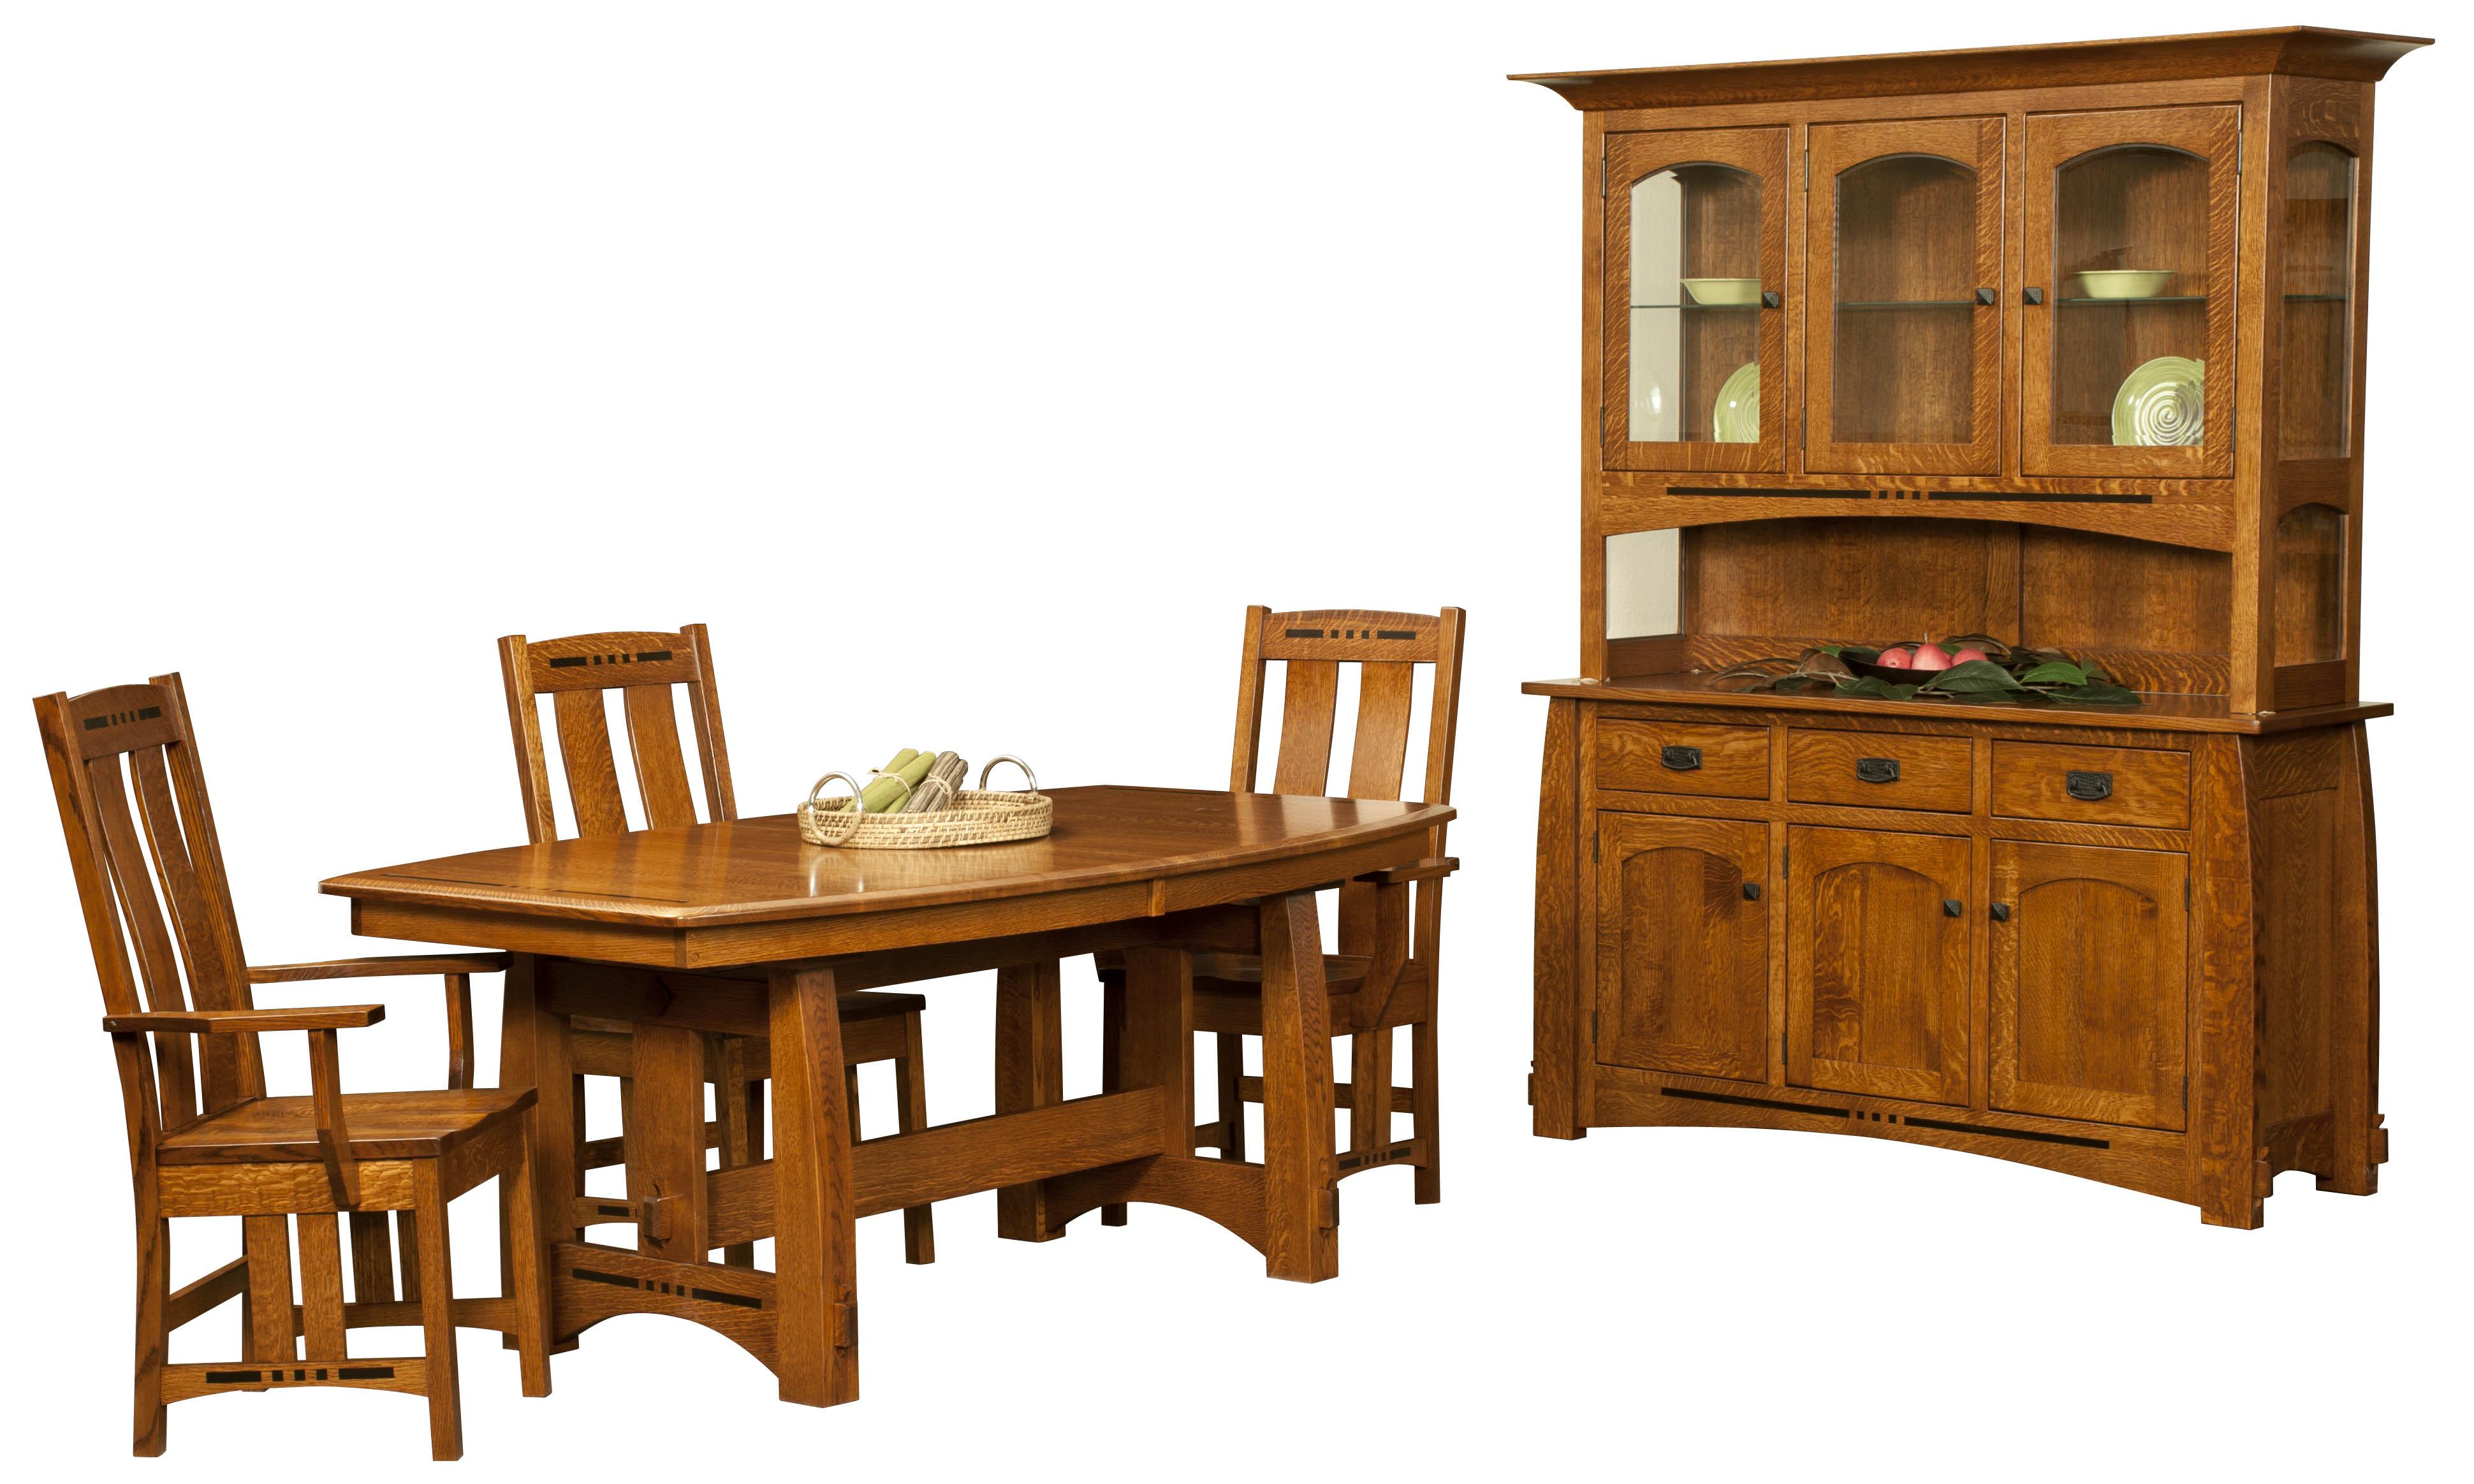 Wood Glues Furniture ~ Wood working furniture